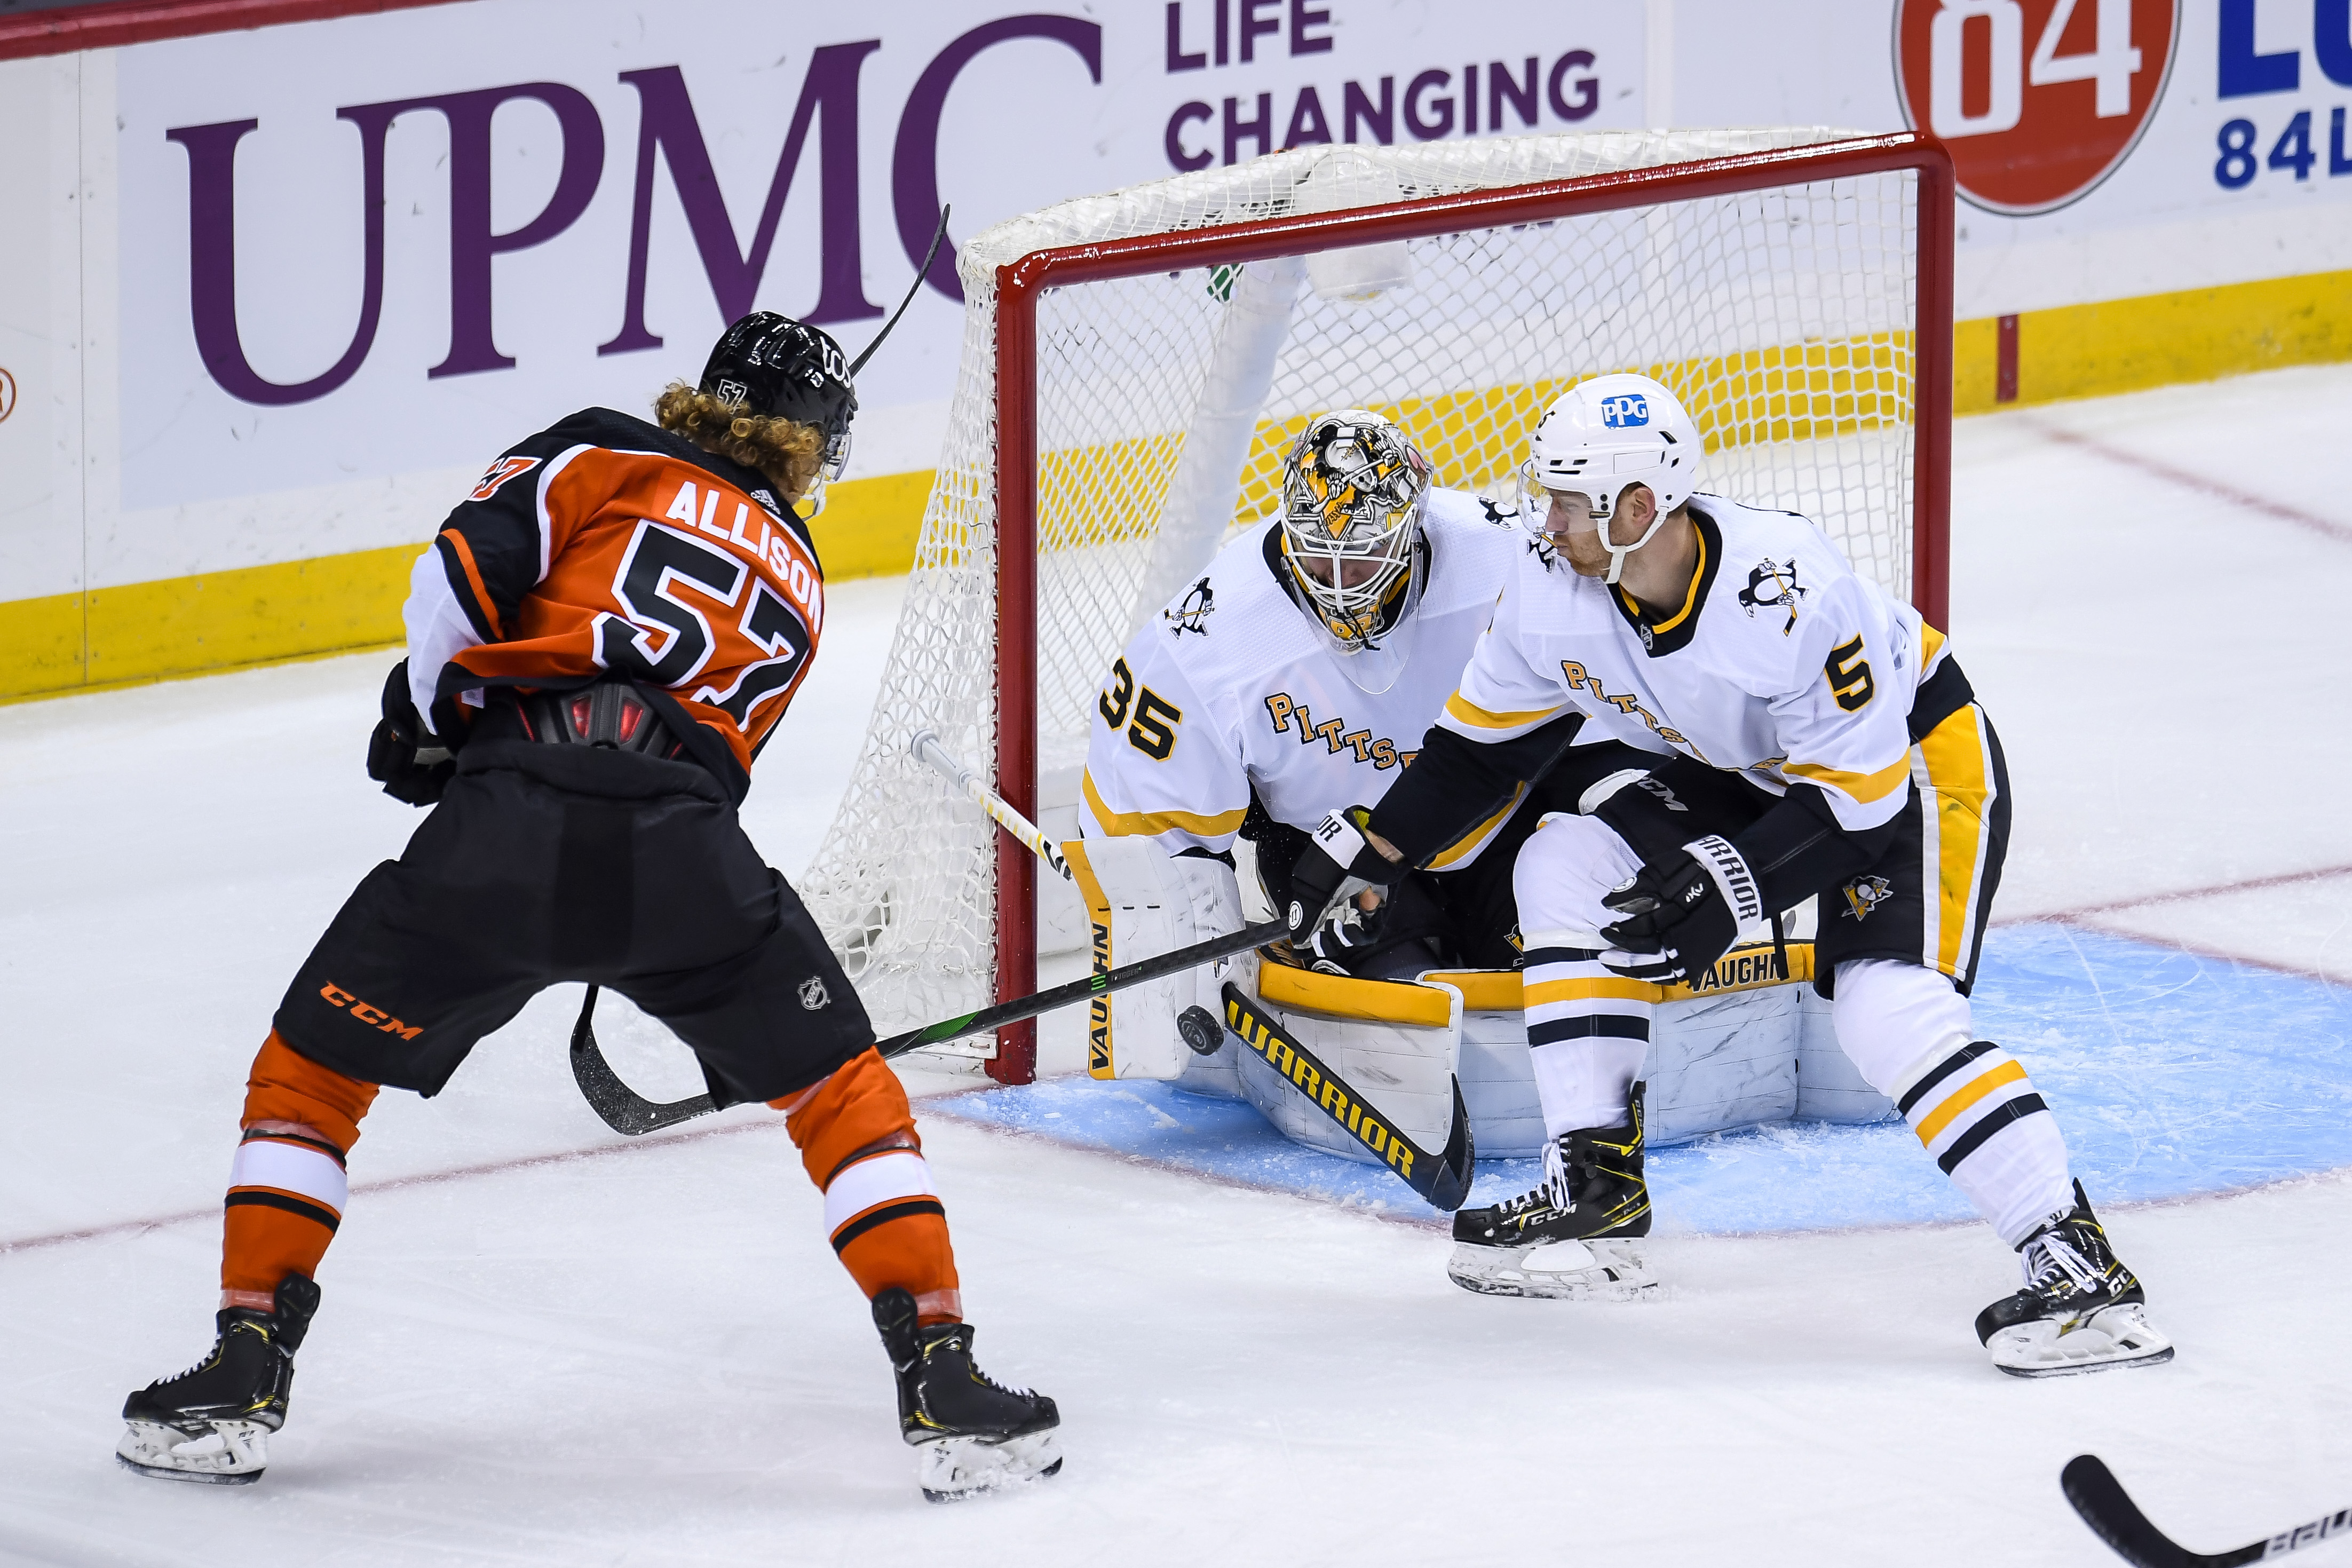 NHL: APR 15 Flyers at Penguins